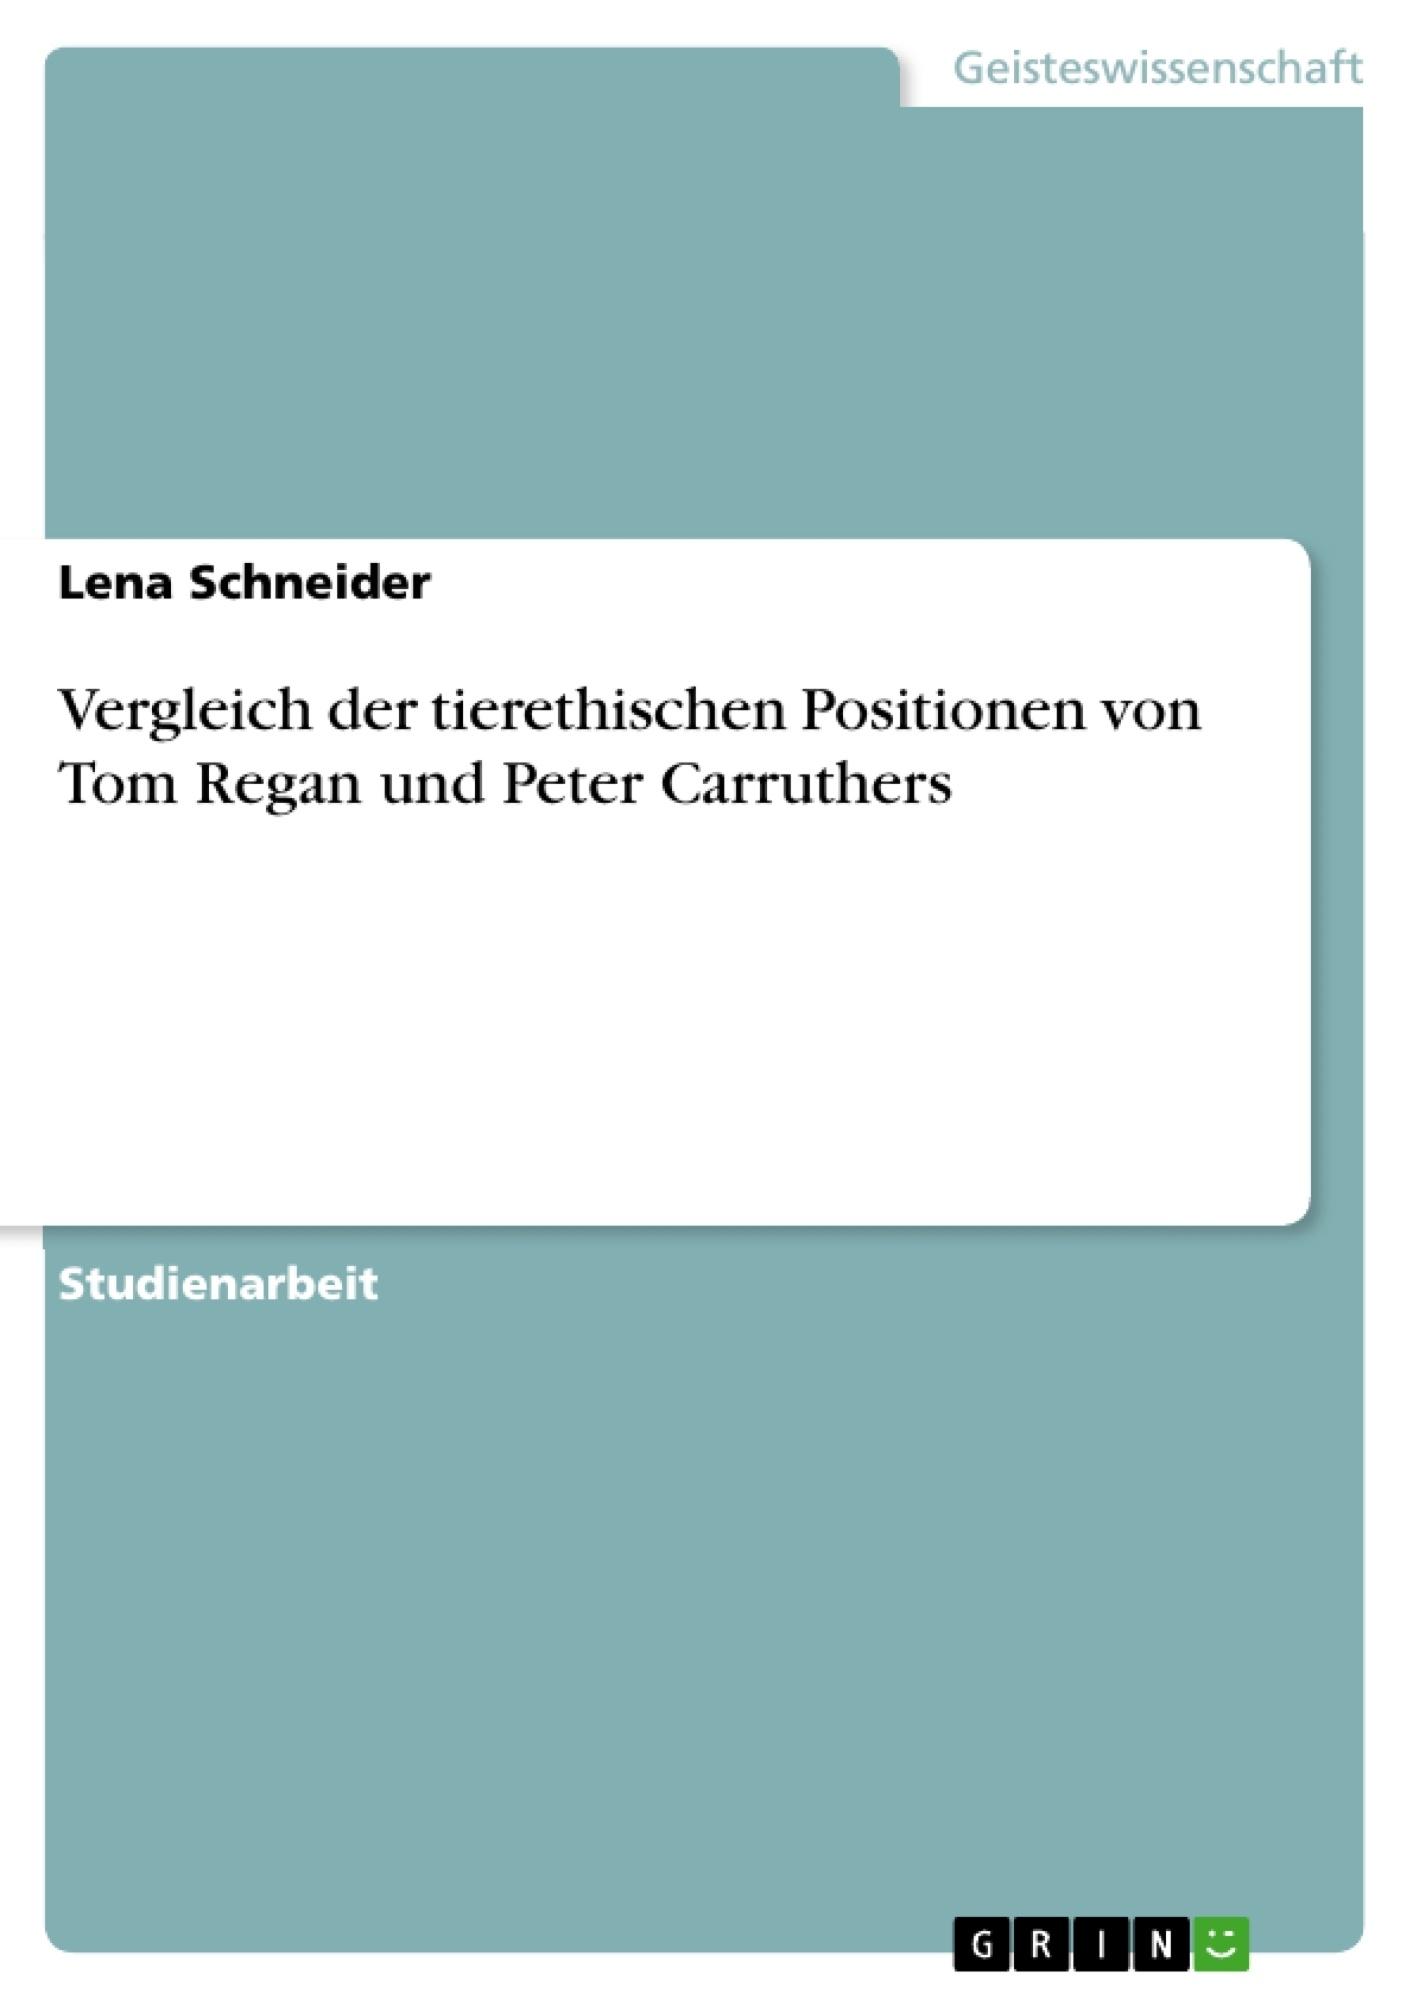 Titel: Vergleich der tierethischen Positionen von Tom Regan und Peter Carruthers